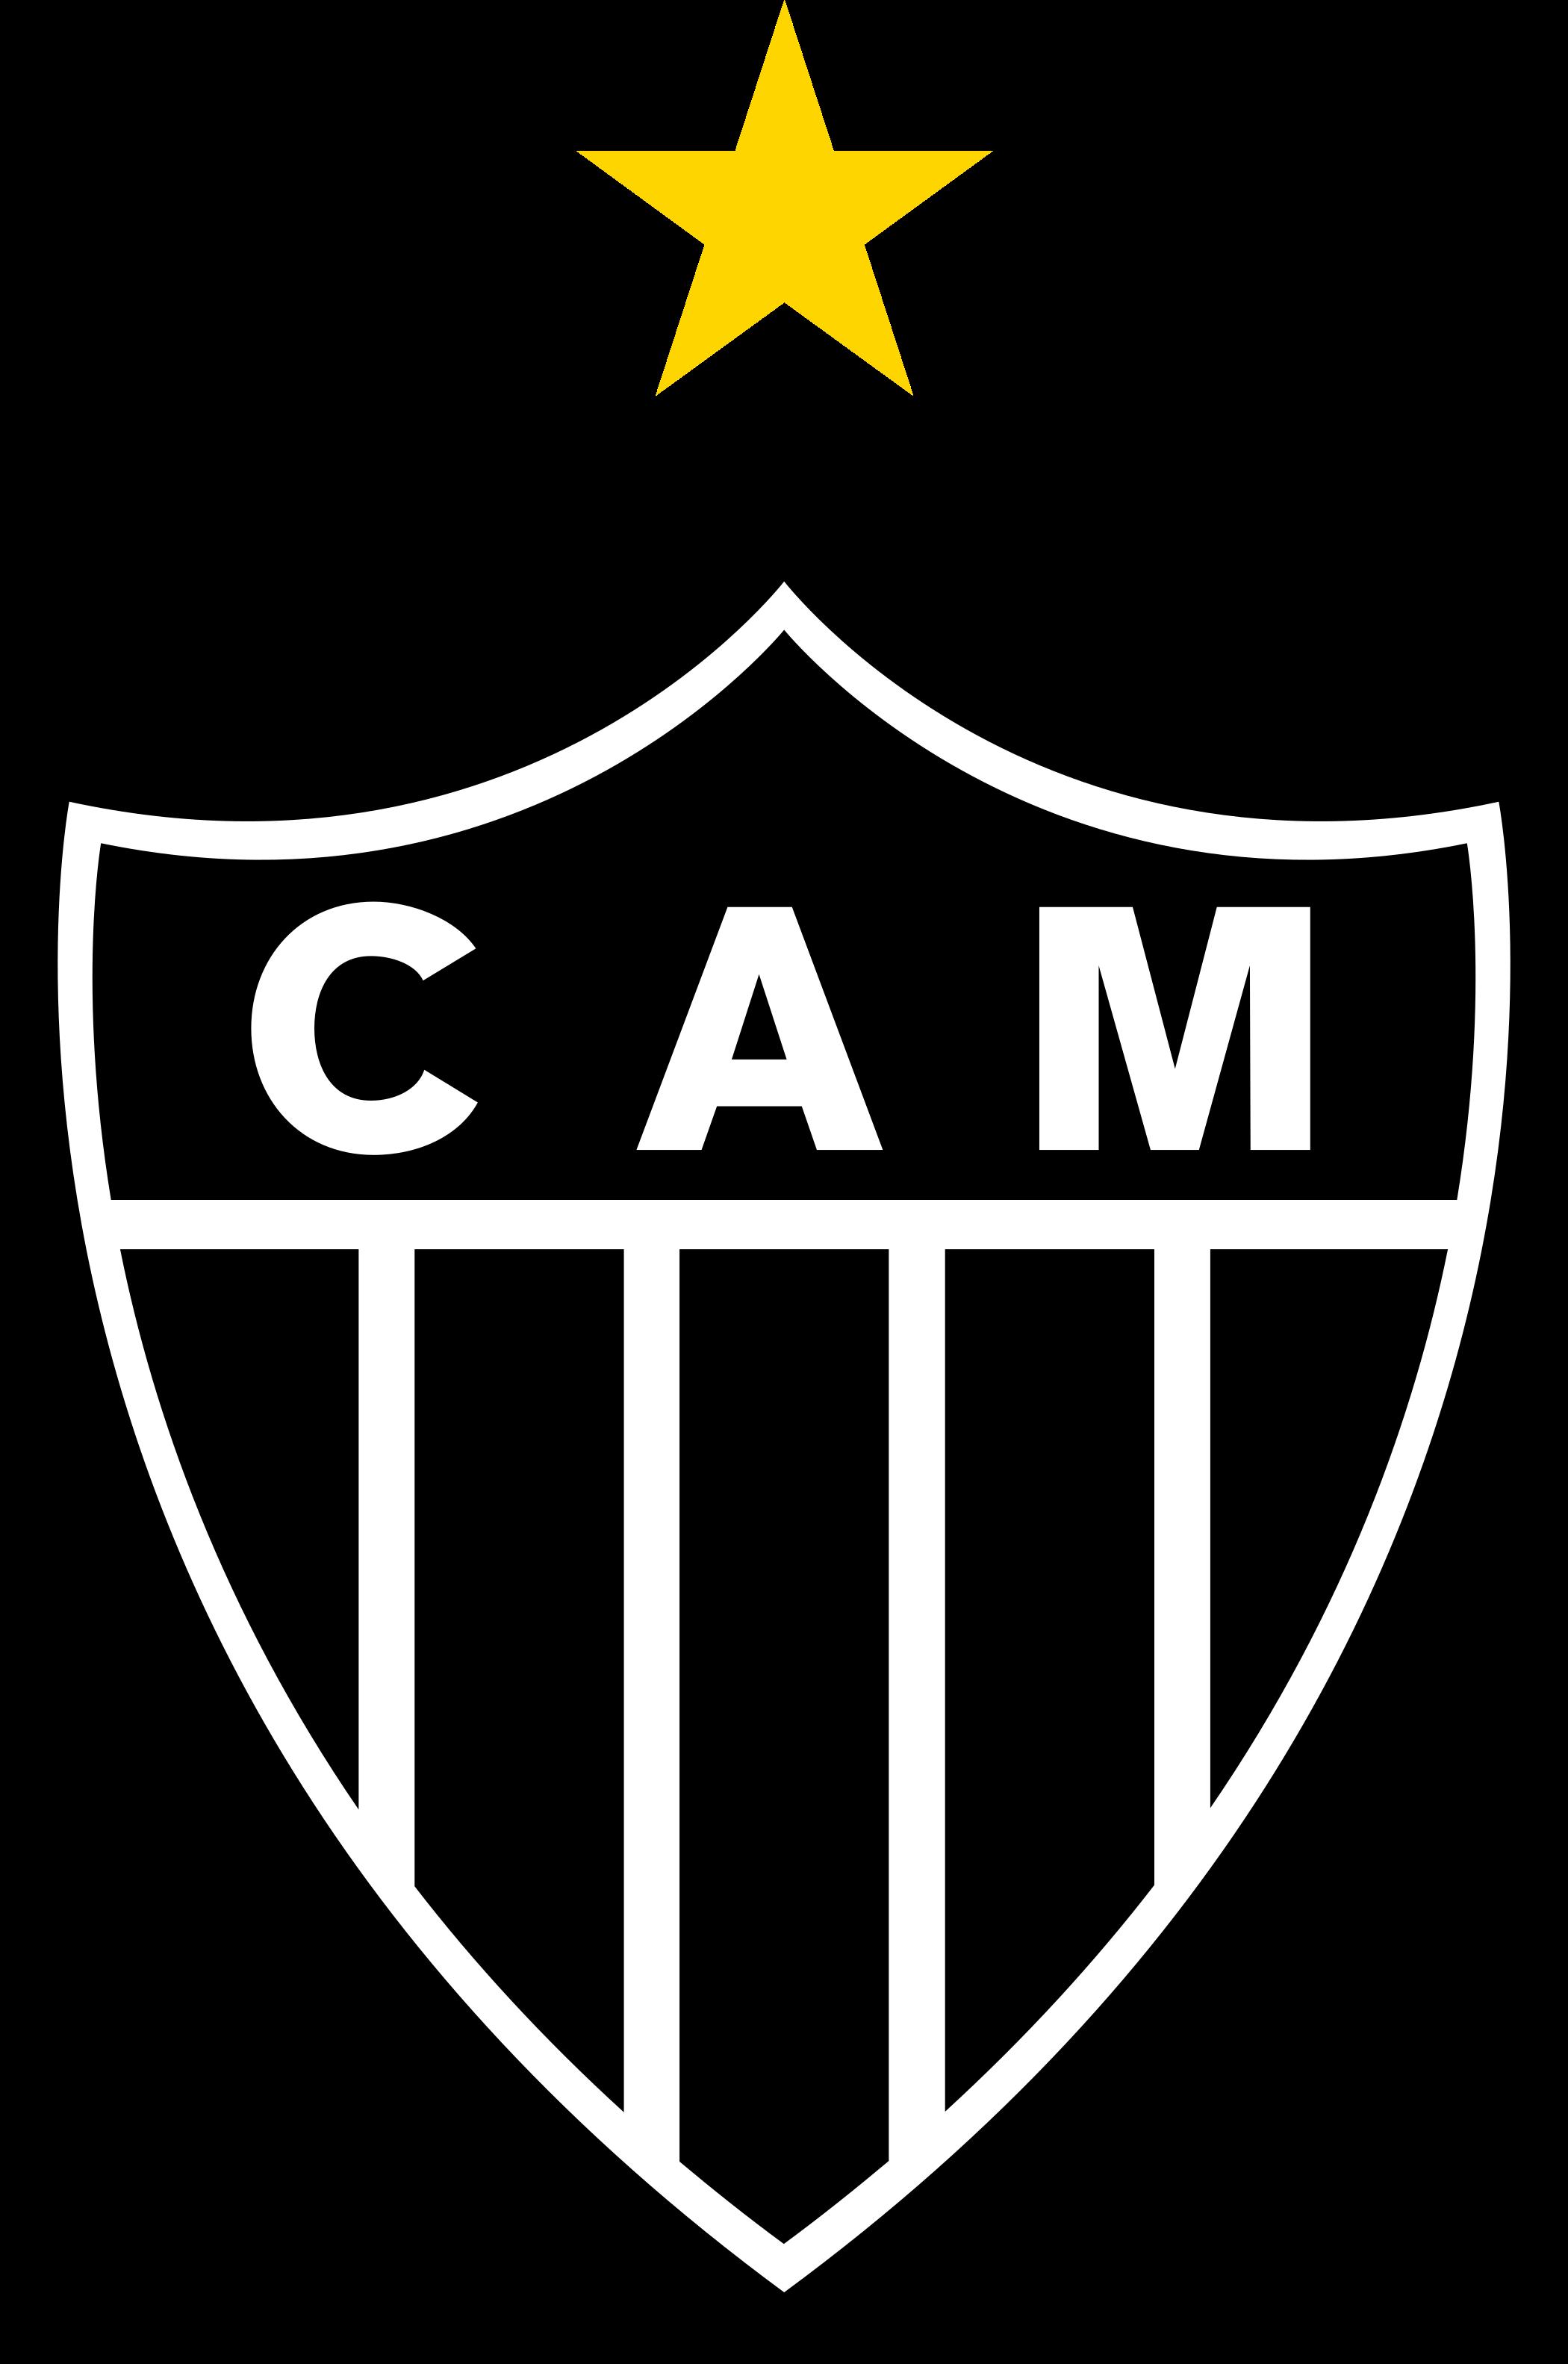 atletico mineiro logo escudo 2 - Atlético Mineiro Logo - Escudo